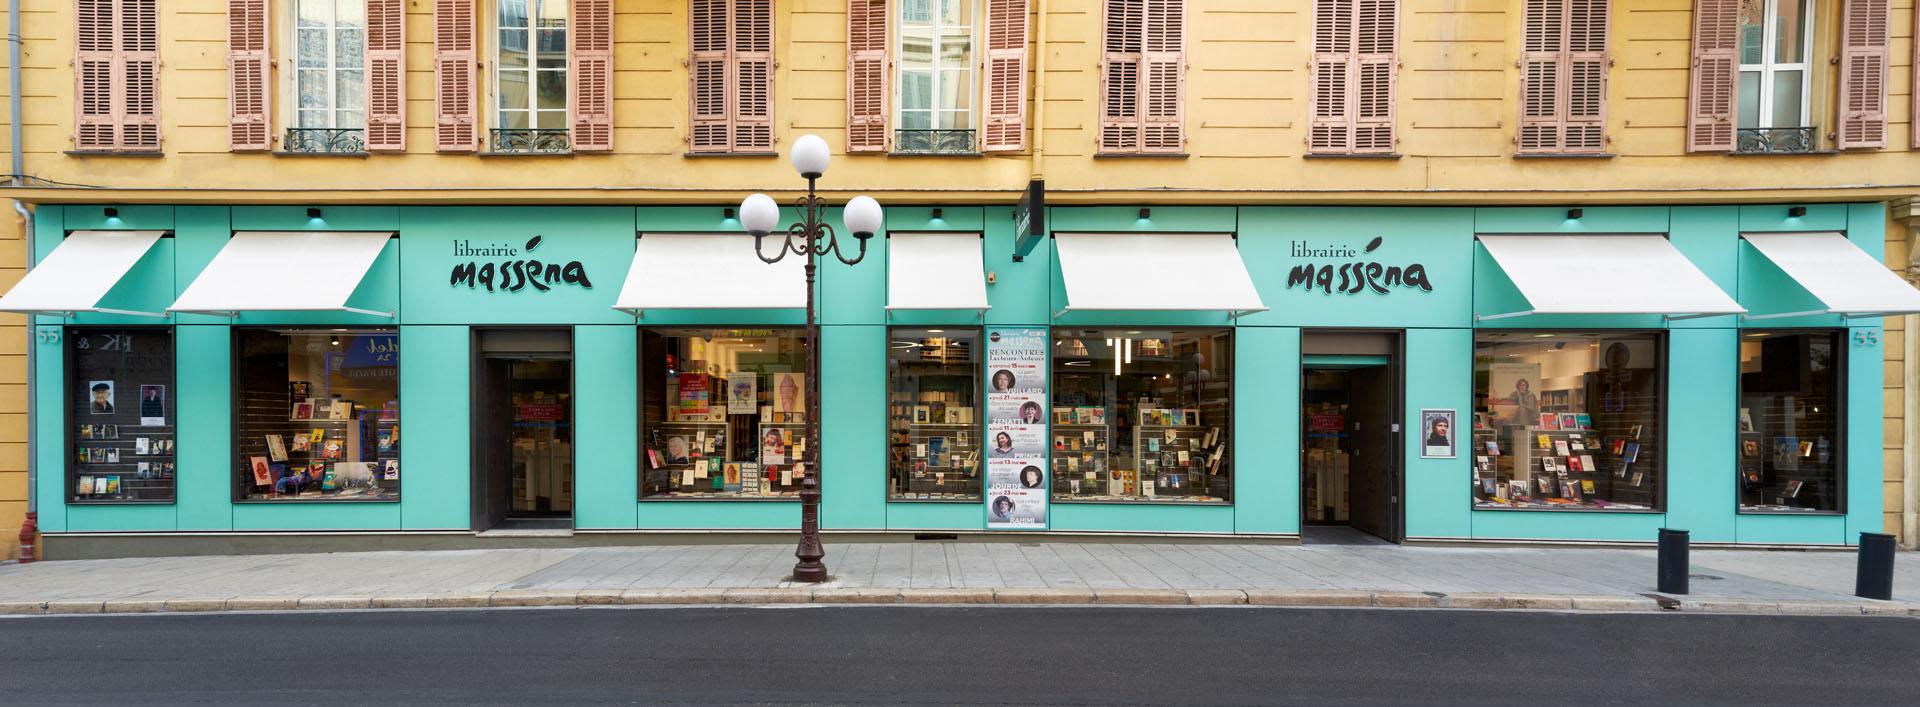 la vitrine de la librairie